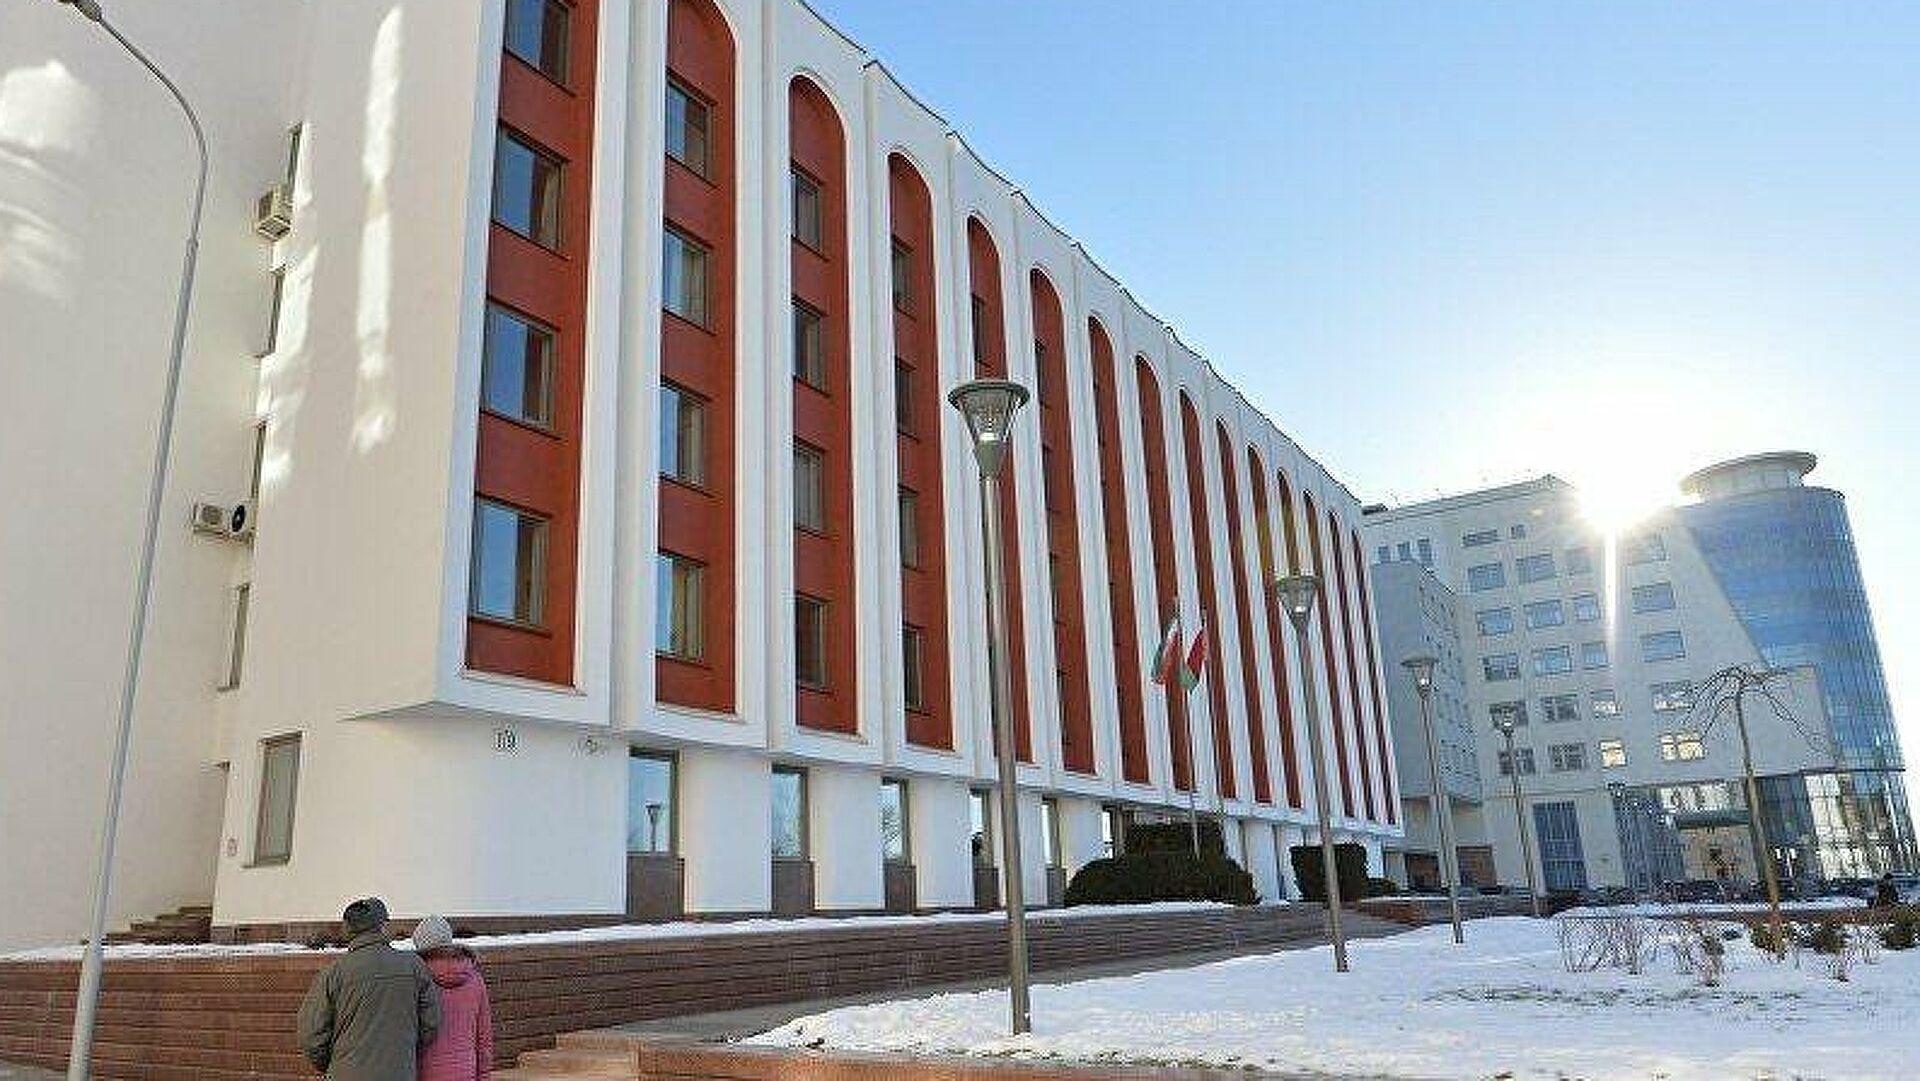 МИД Белоруссии объявил персонами нон грата двух литовских дипломатов